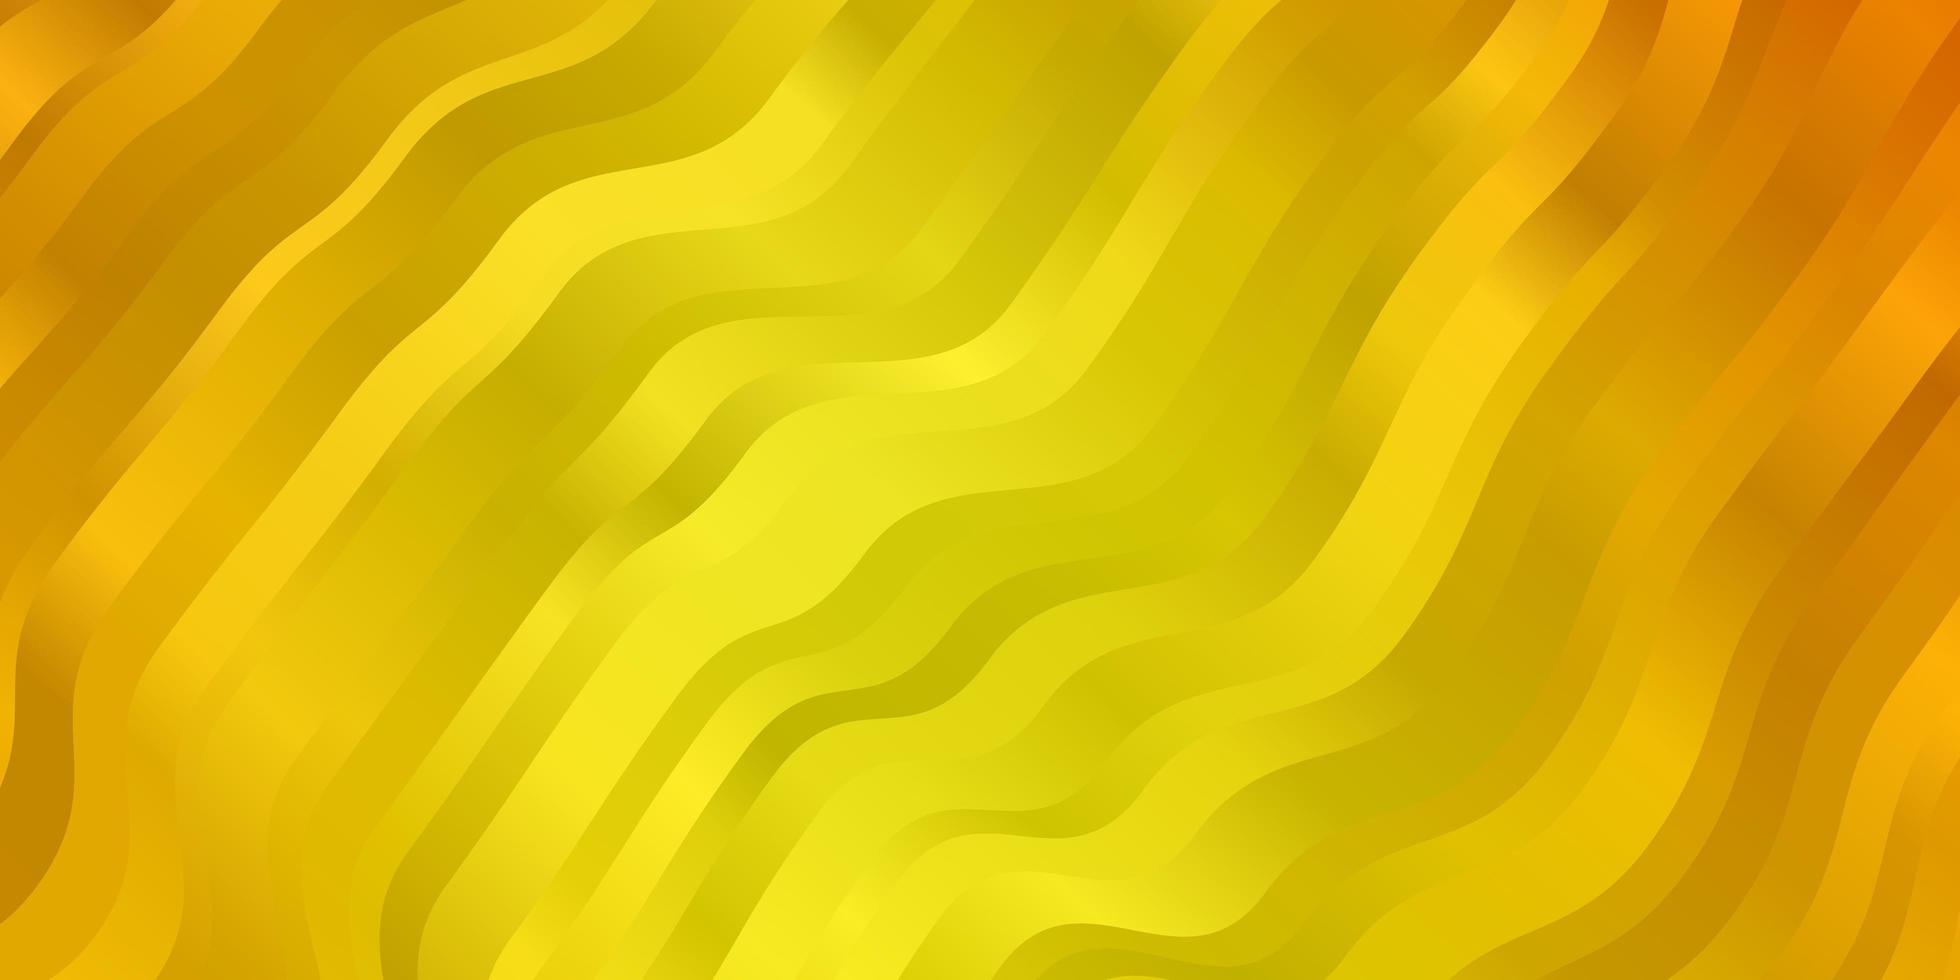 gelber Hintergrund mit gebogenen Linien. vektor